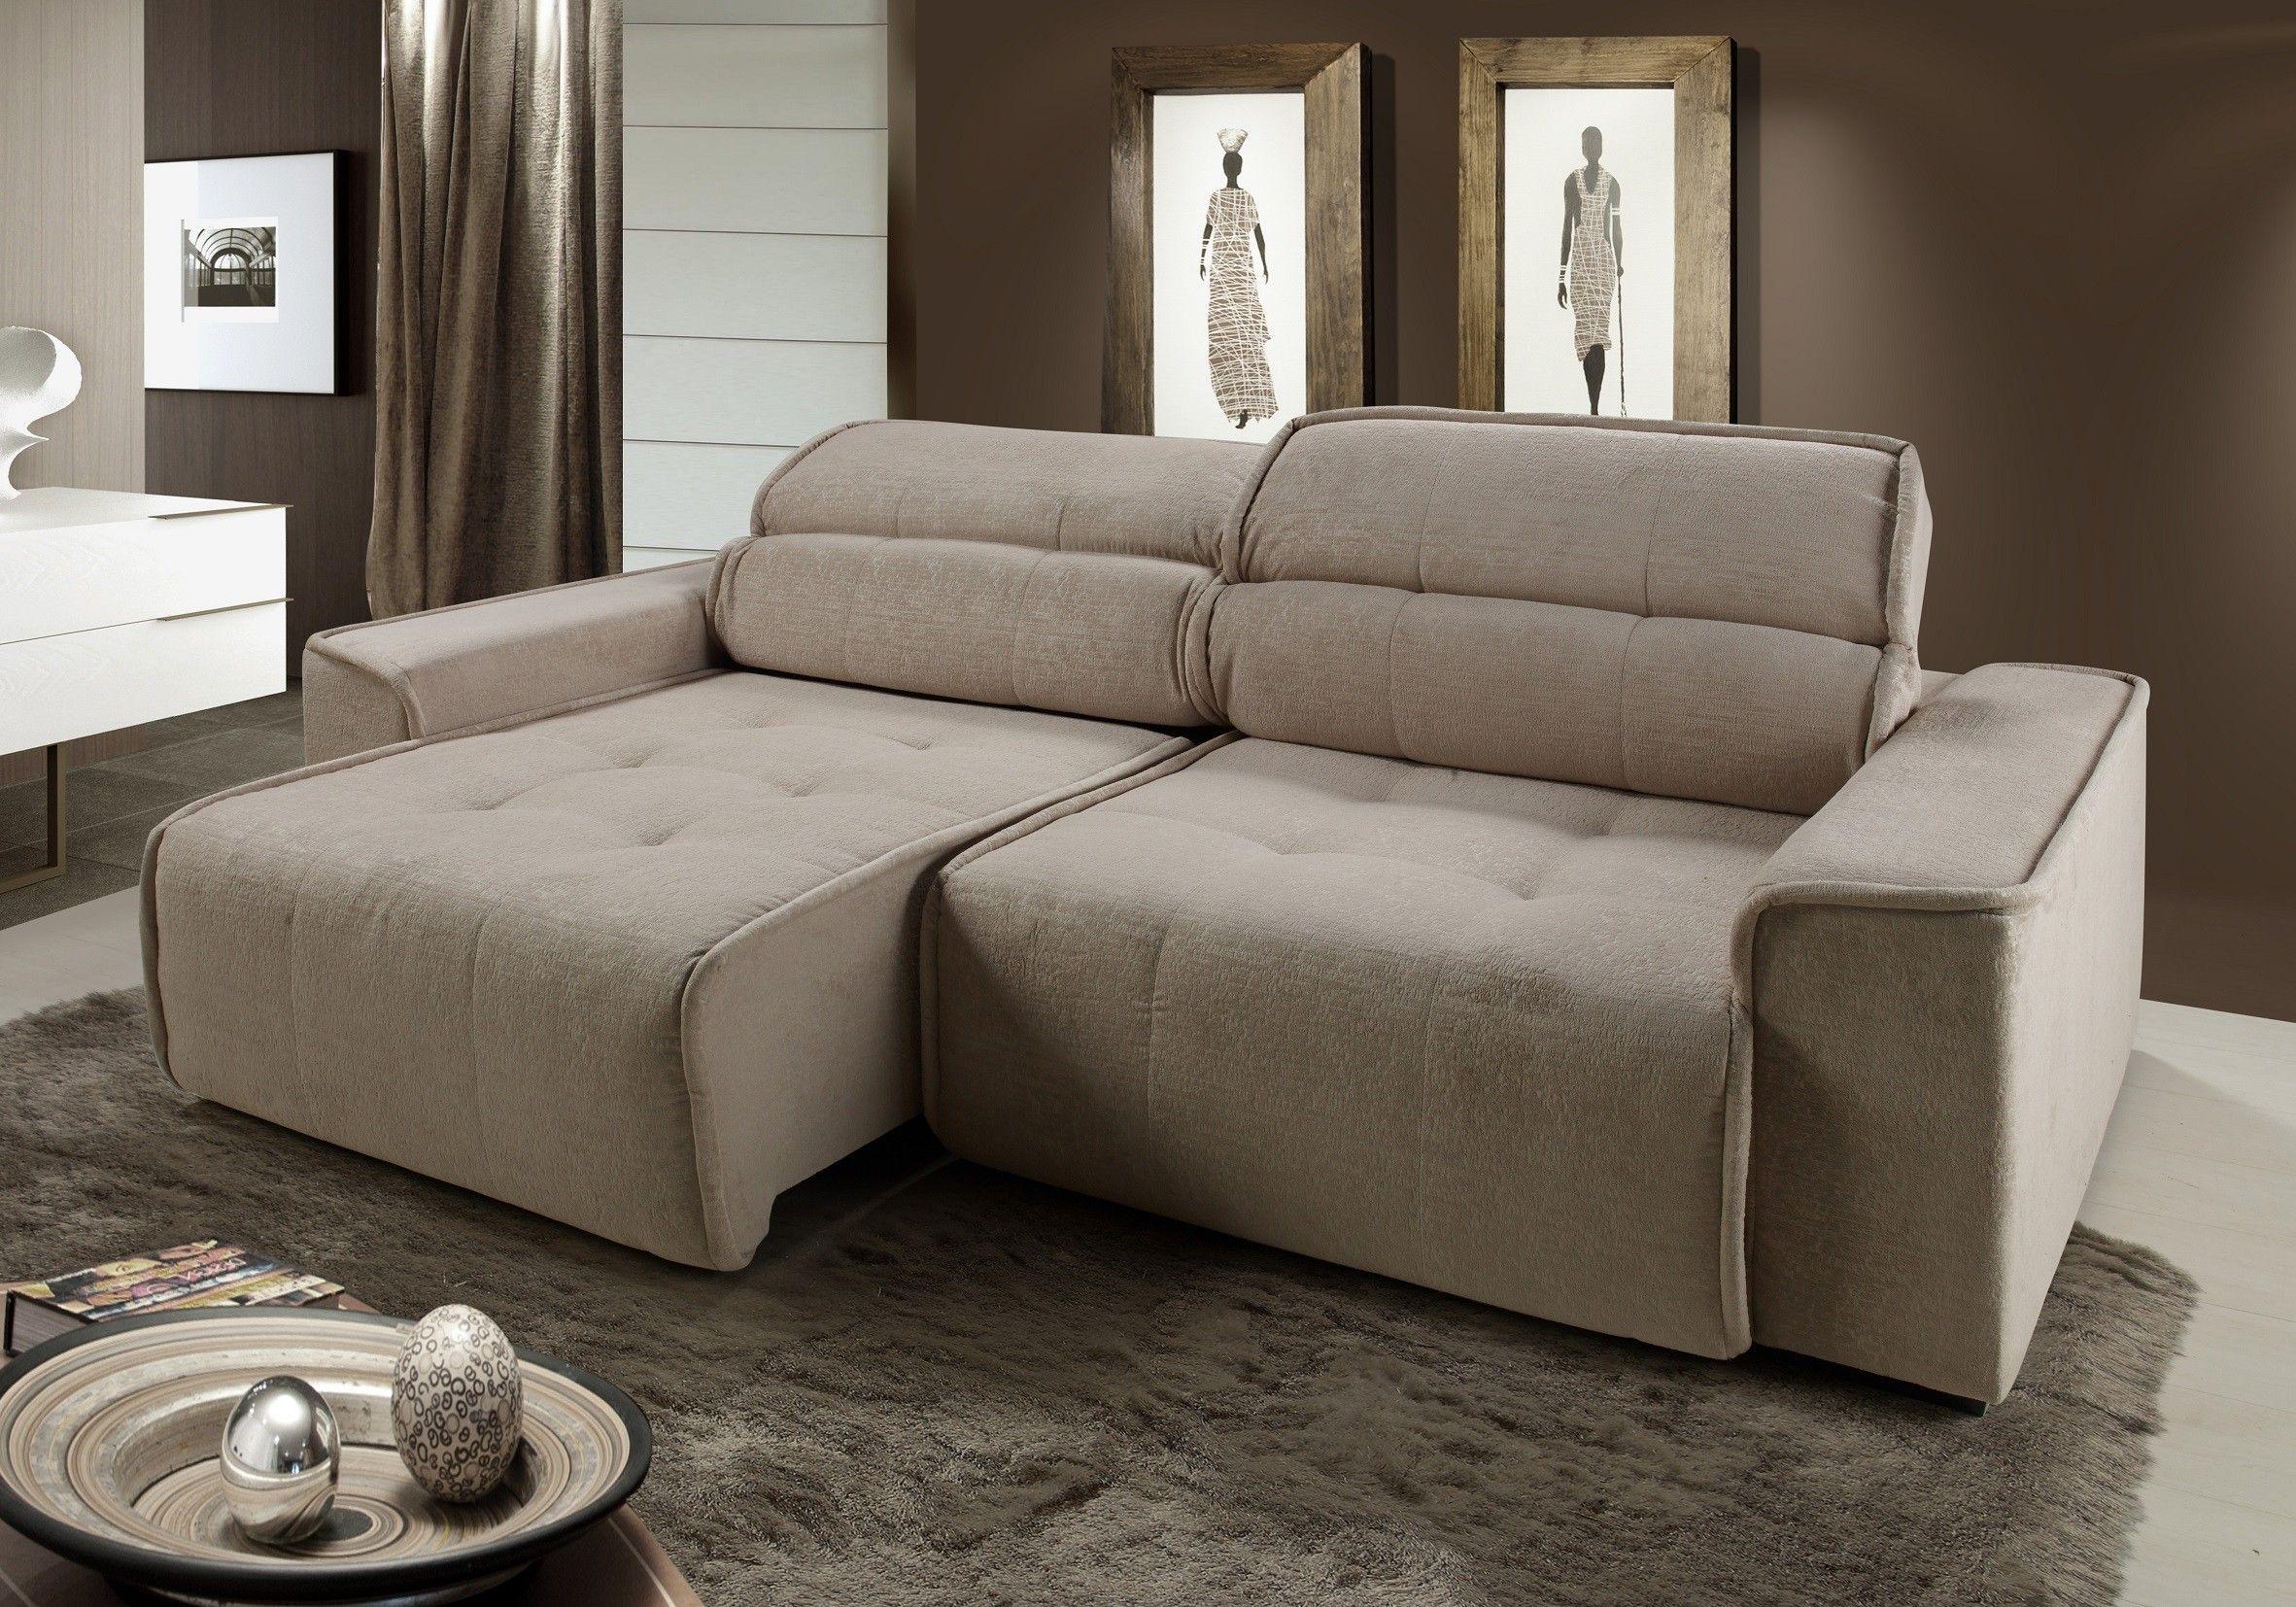 Sof premier 3 lugares assento retr til e encosto for Sofa 7 lugares retratil e reclinavel firenze